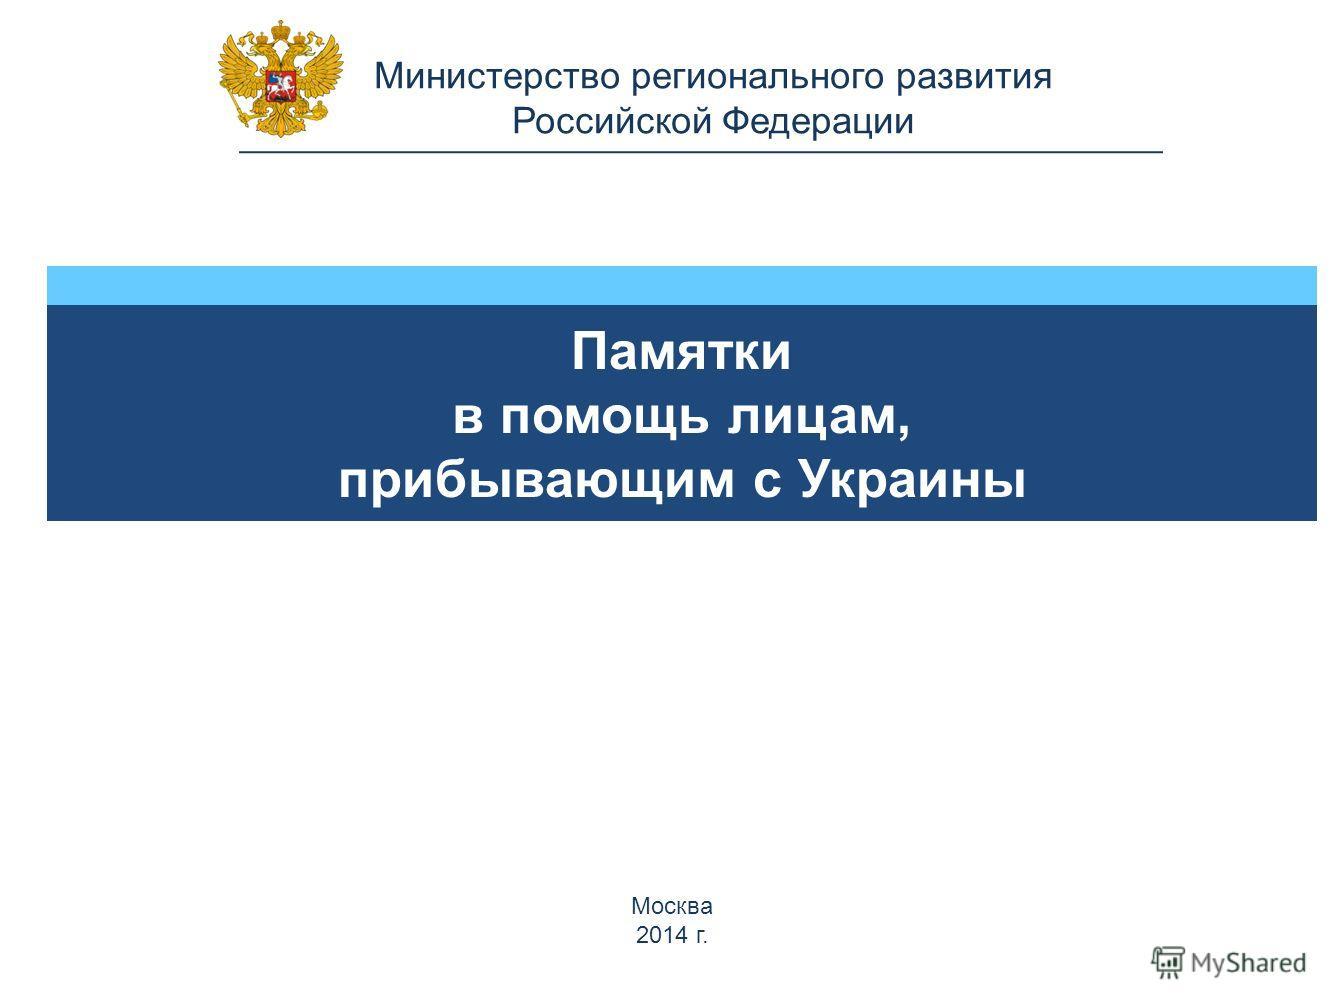 Журнал Кадры предприятия - Увольнение по всем статьям: инициатива